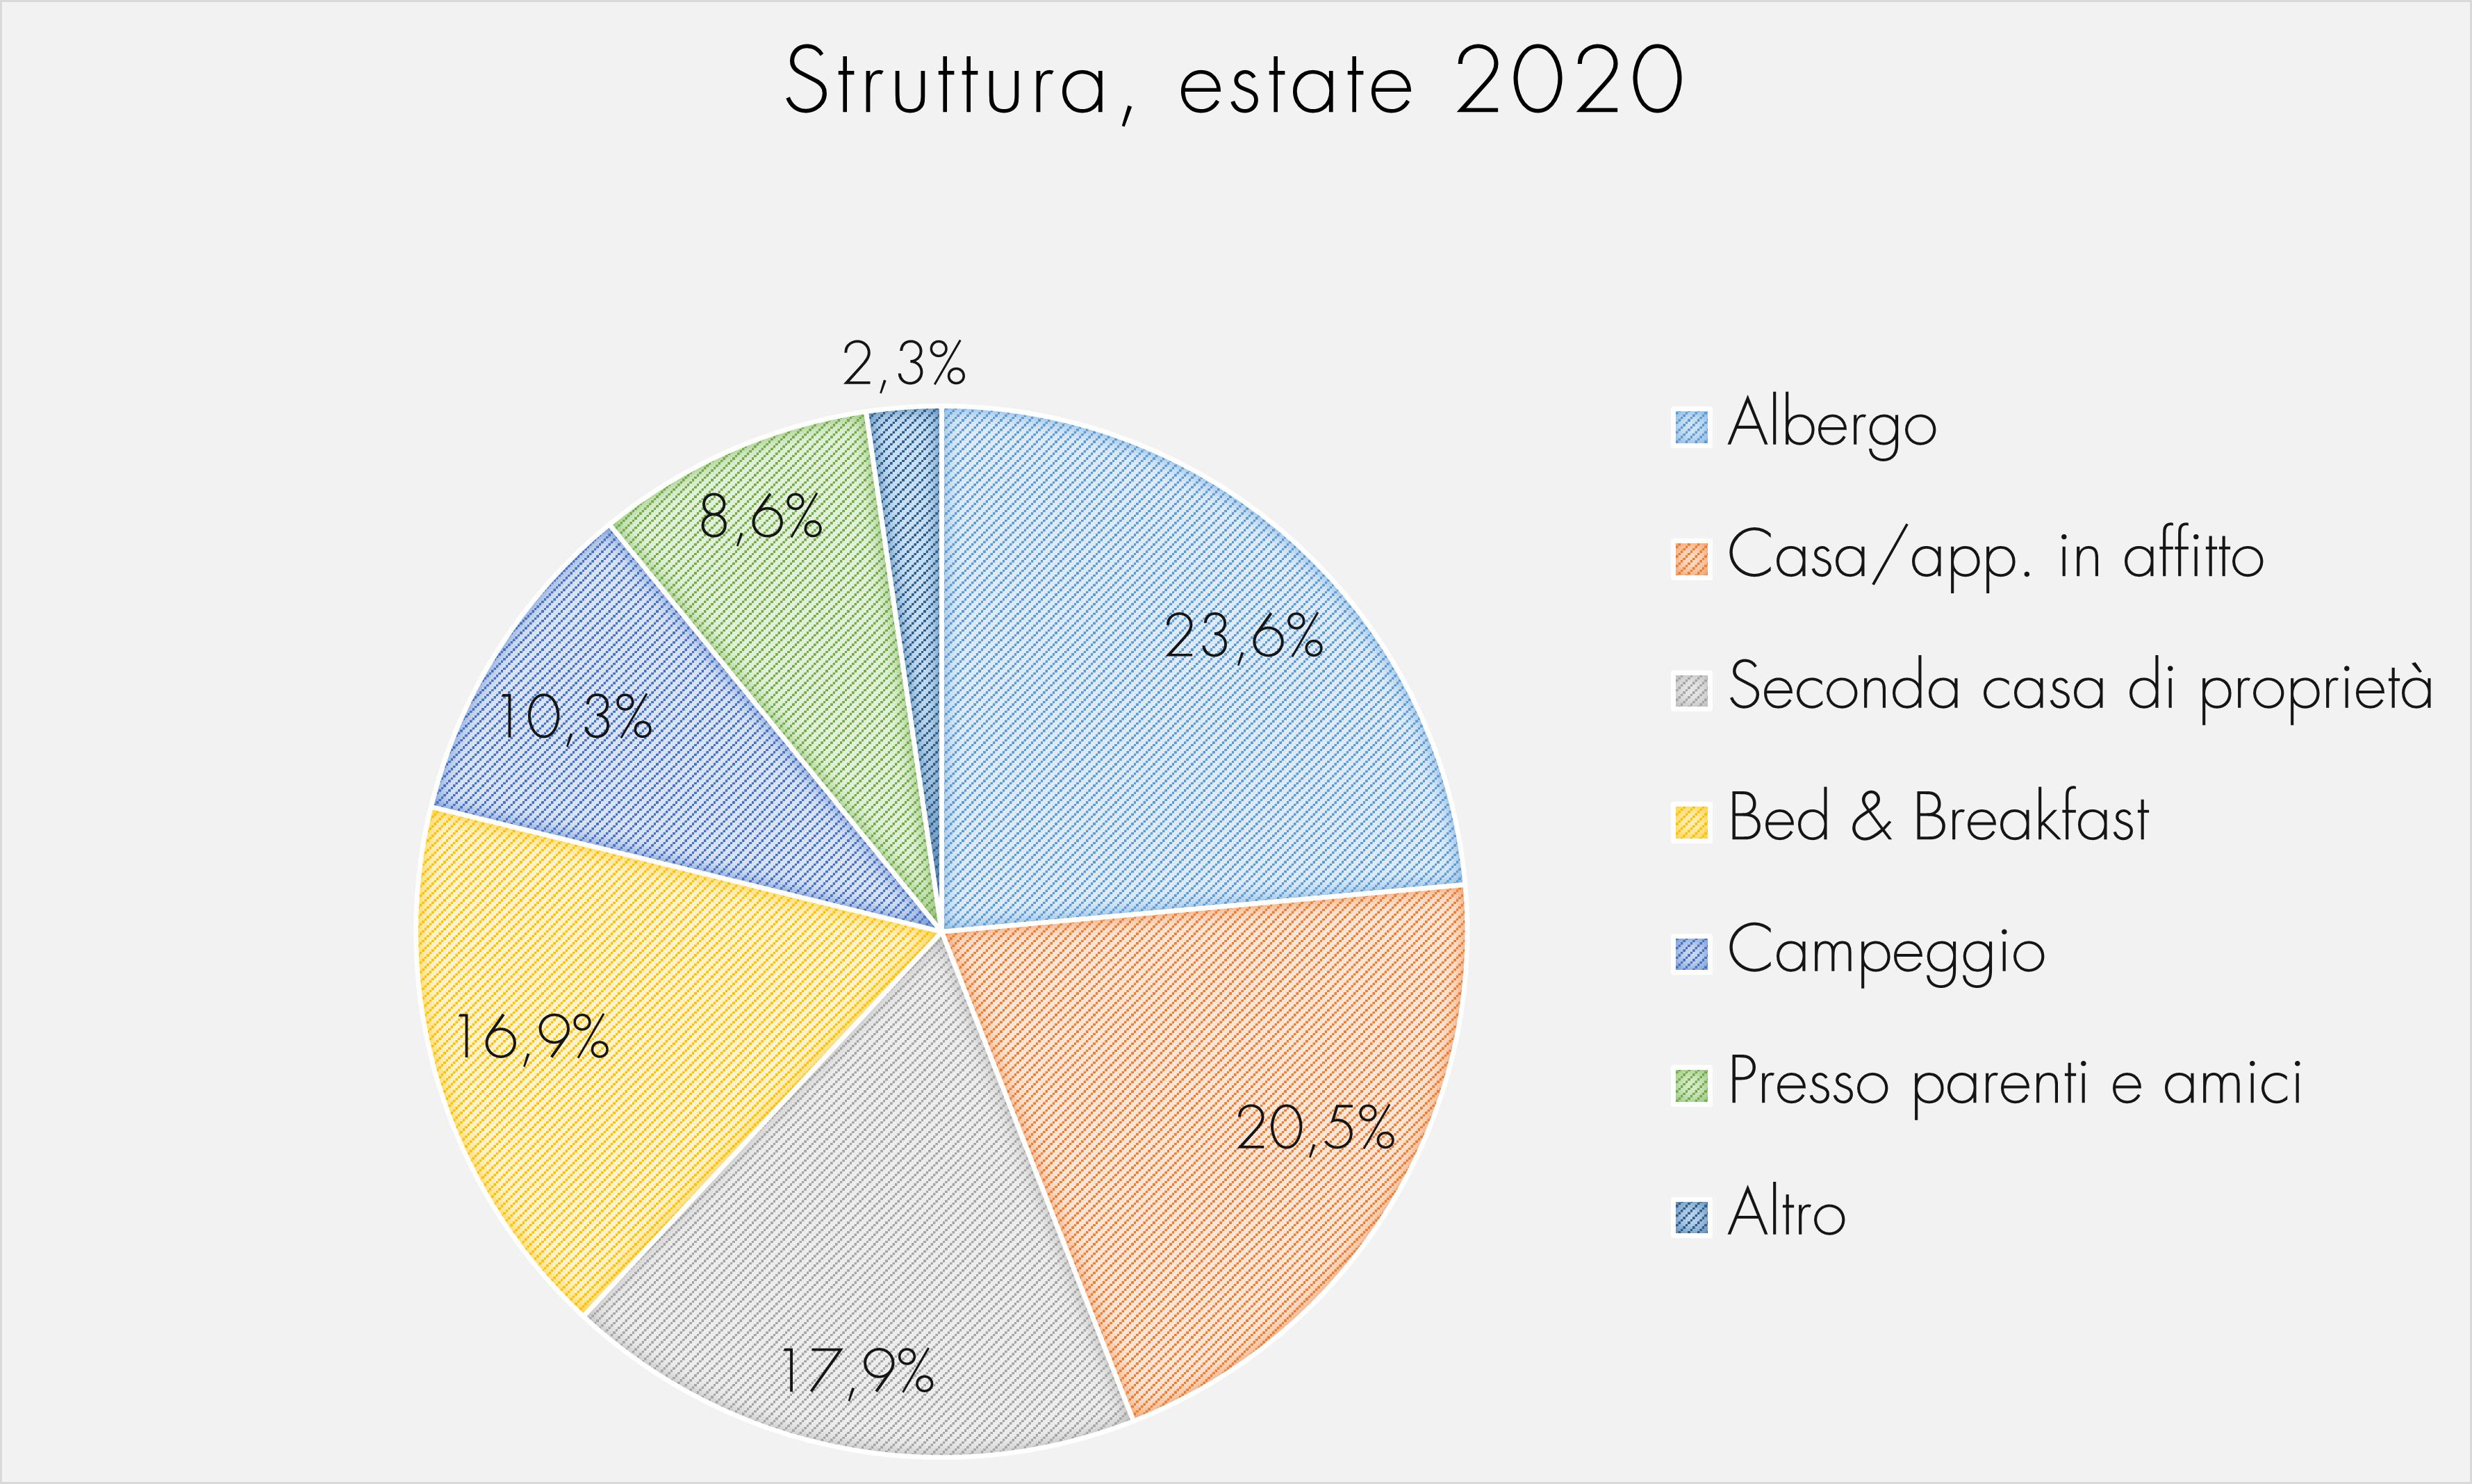 Struttura, estate 2020